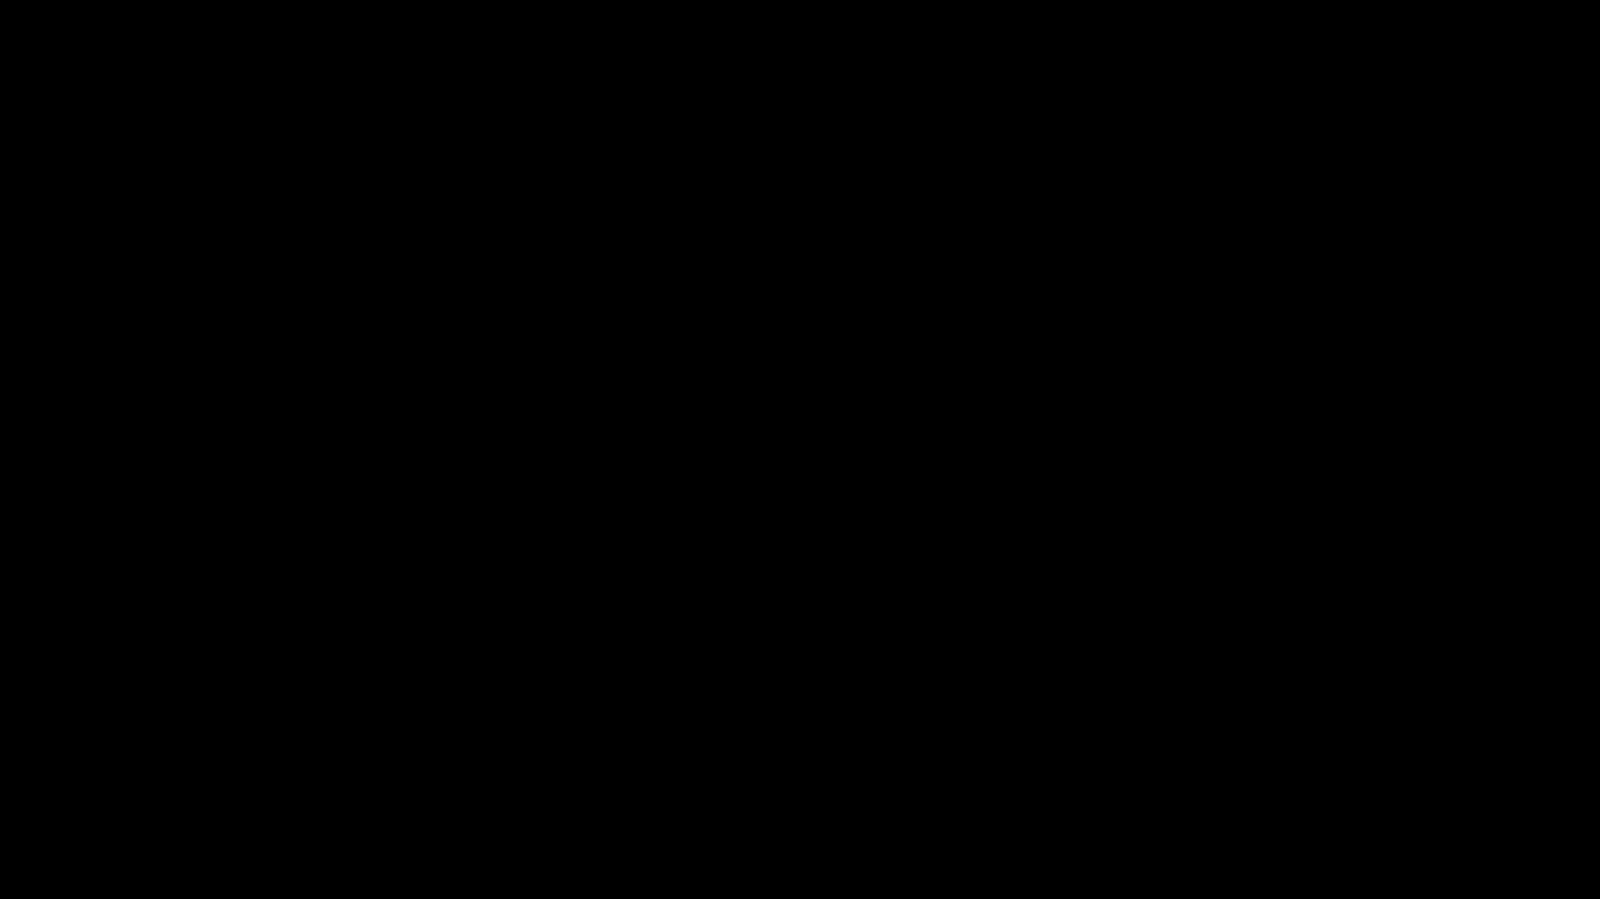 Silhouette SVG Clip arts